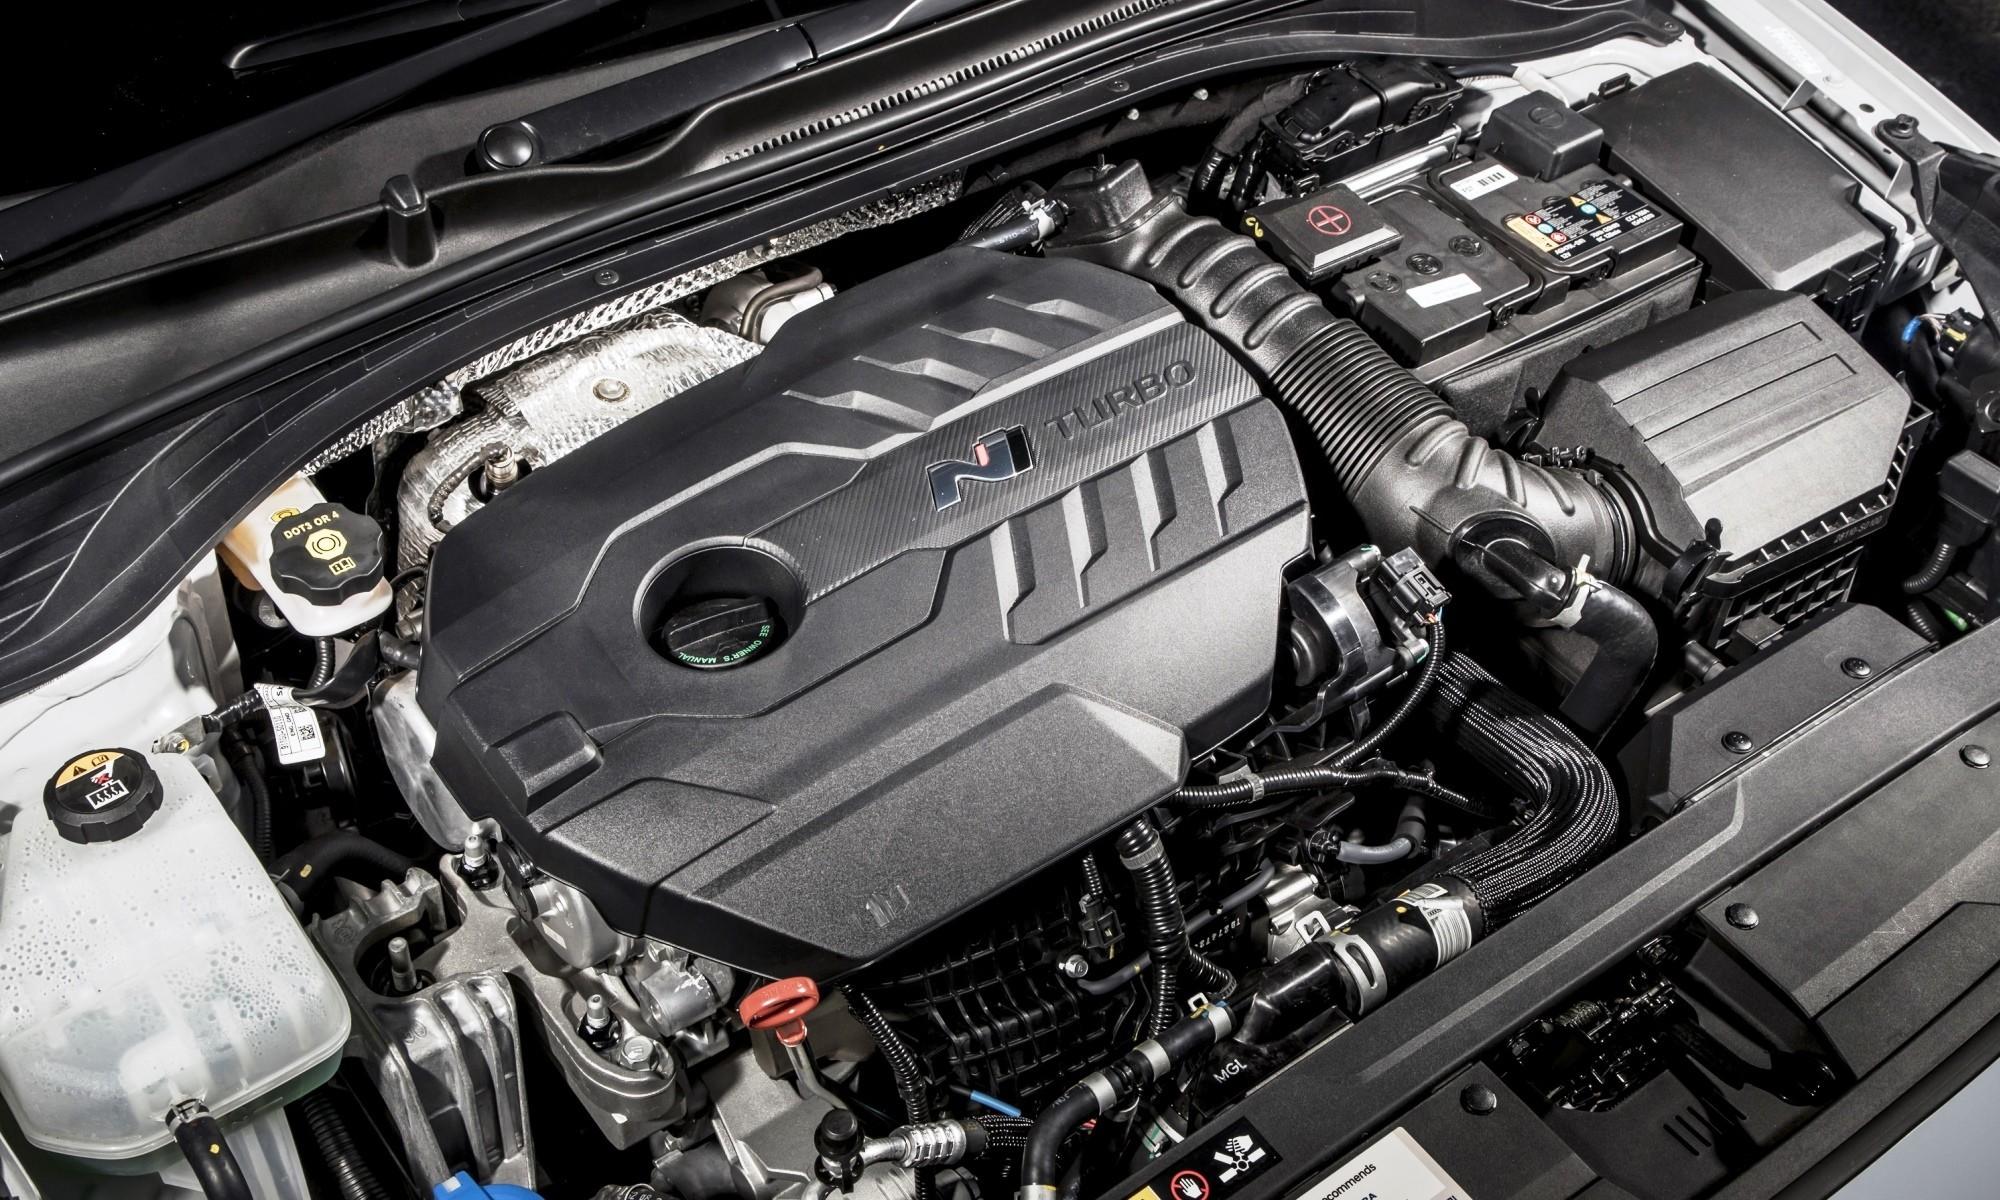 Hyundai i30N engine